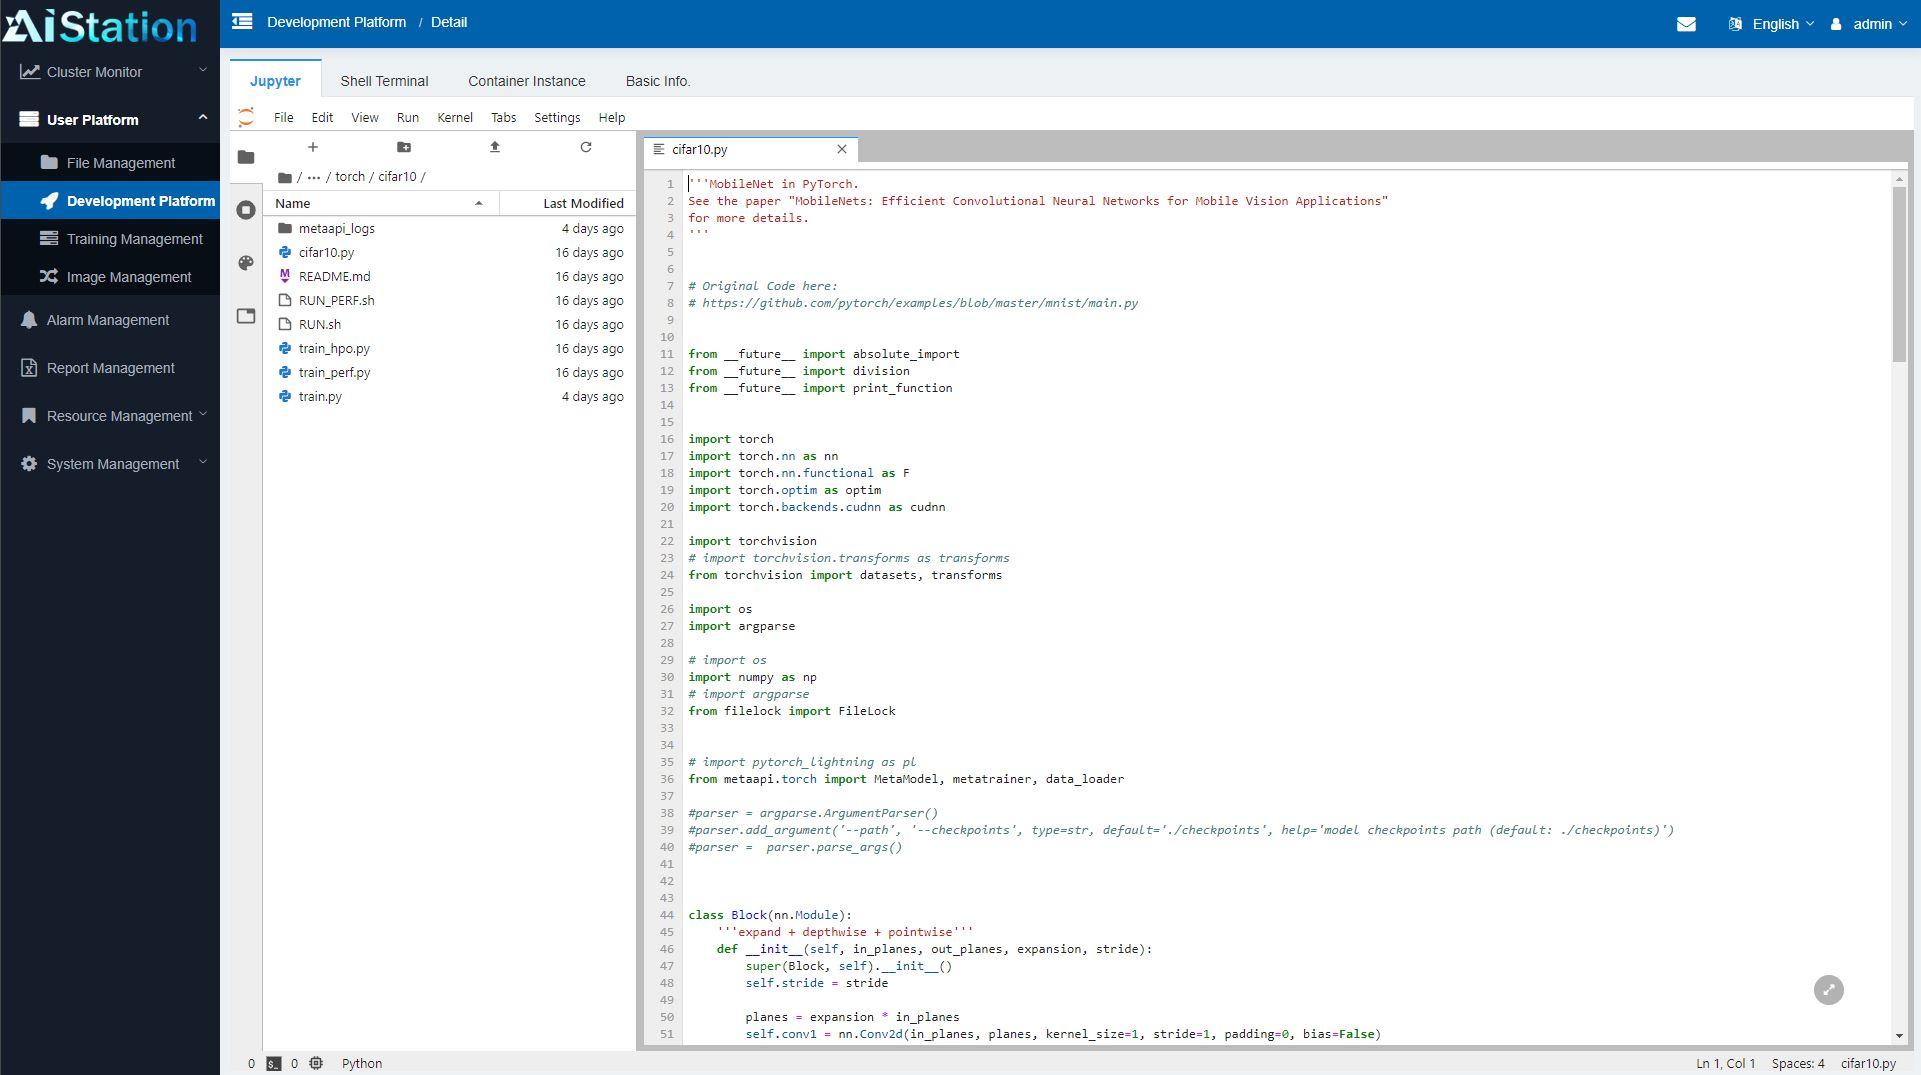 Inspur AIStation Admin User Platform Development Platform Jupyter